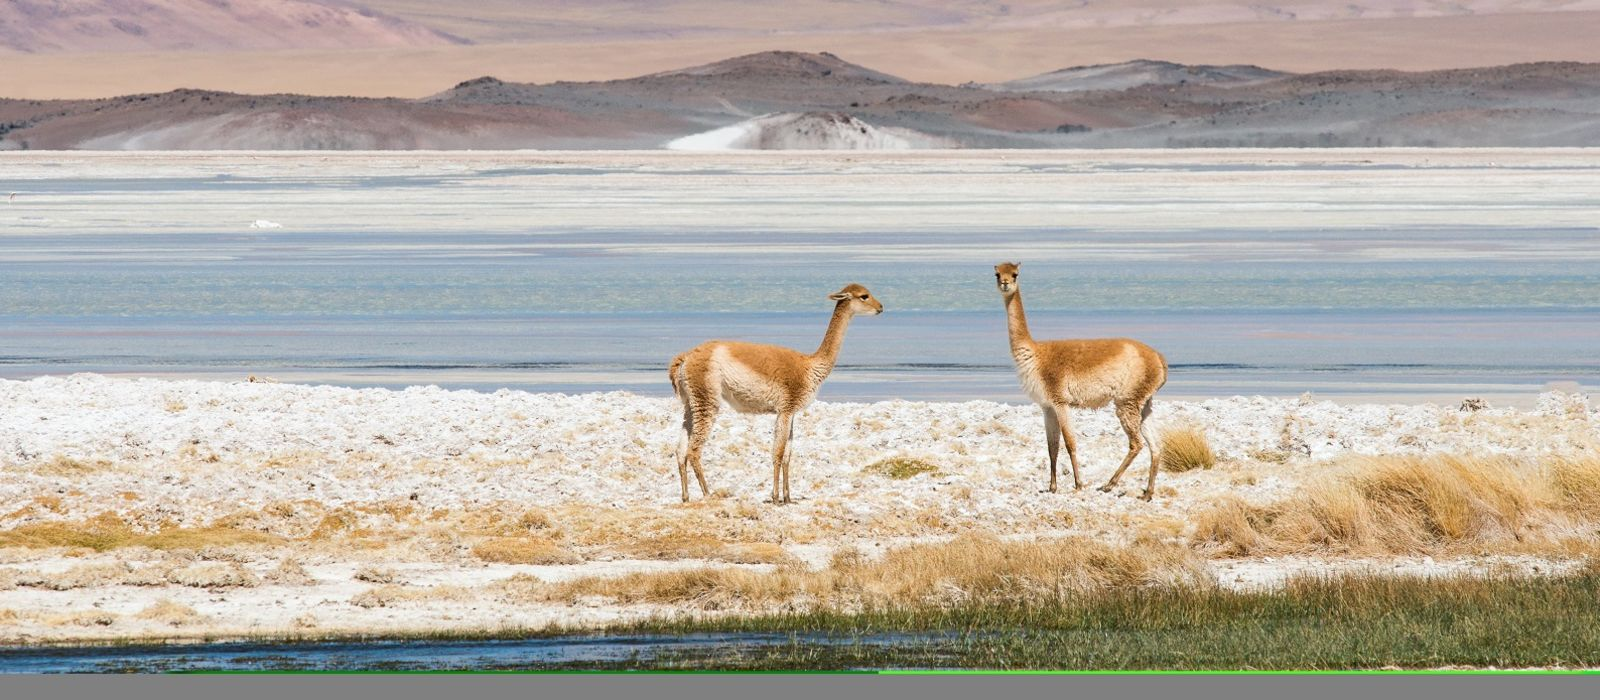 Einsame Wüsten, ewige Gletscher & geheimnisvolle Osterinsel – das Beste von Chile Urlaub 2